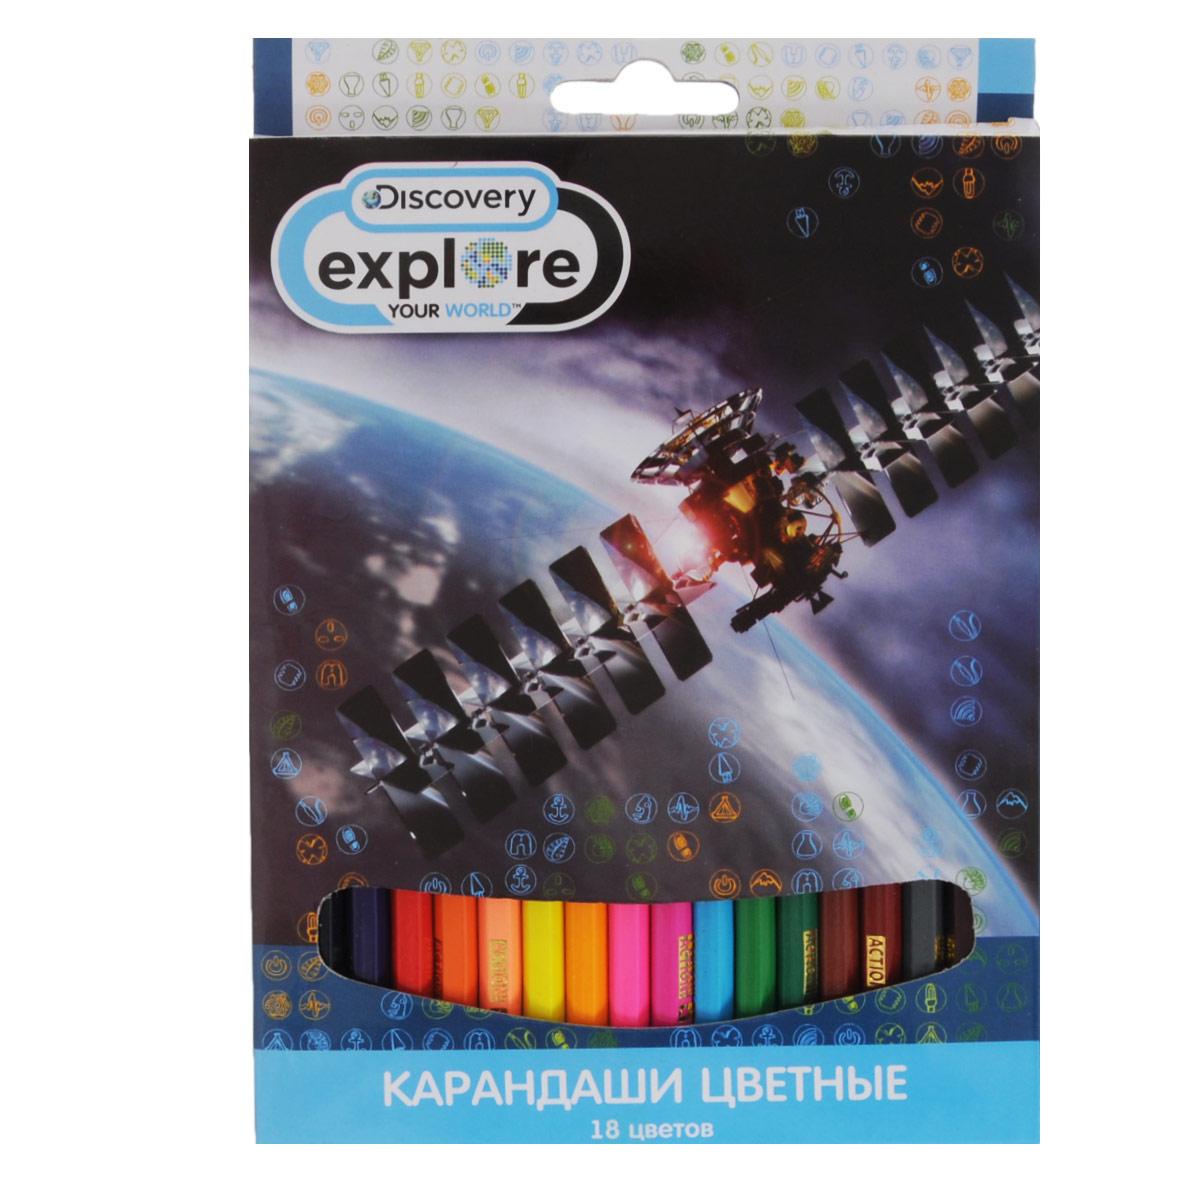 Набор цветных карандашей Action Discovery, 18 цветов730396Цветные карандаши Action Discovery откроют юным художникам новые горизонты для творчества, а также помогут отлично развить мелкую моторику рук, цветовое восприятие, фантазию и воображение. Традиционный шестигранный корпус изготовлен из натуральной древесины с многослойной покраской. Карандаши удобно держать в руках, а мягкий грифель не требует сильного нажима.Комплект включает 18 заточенных карандашей ярких насыщенных цветов.